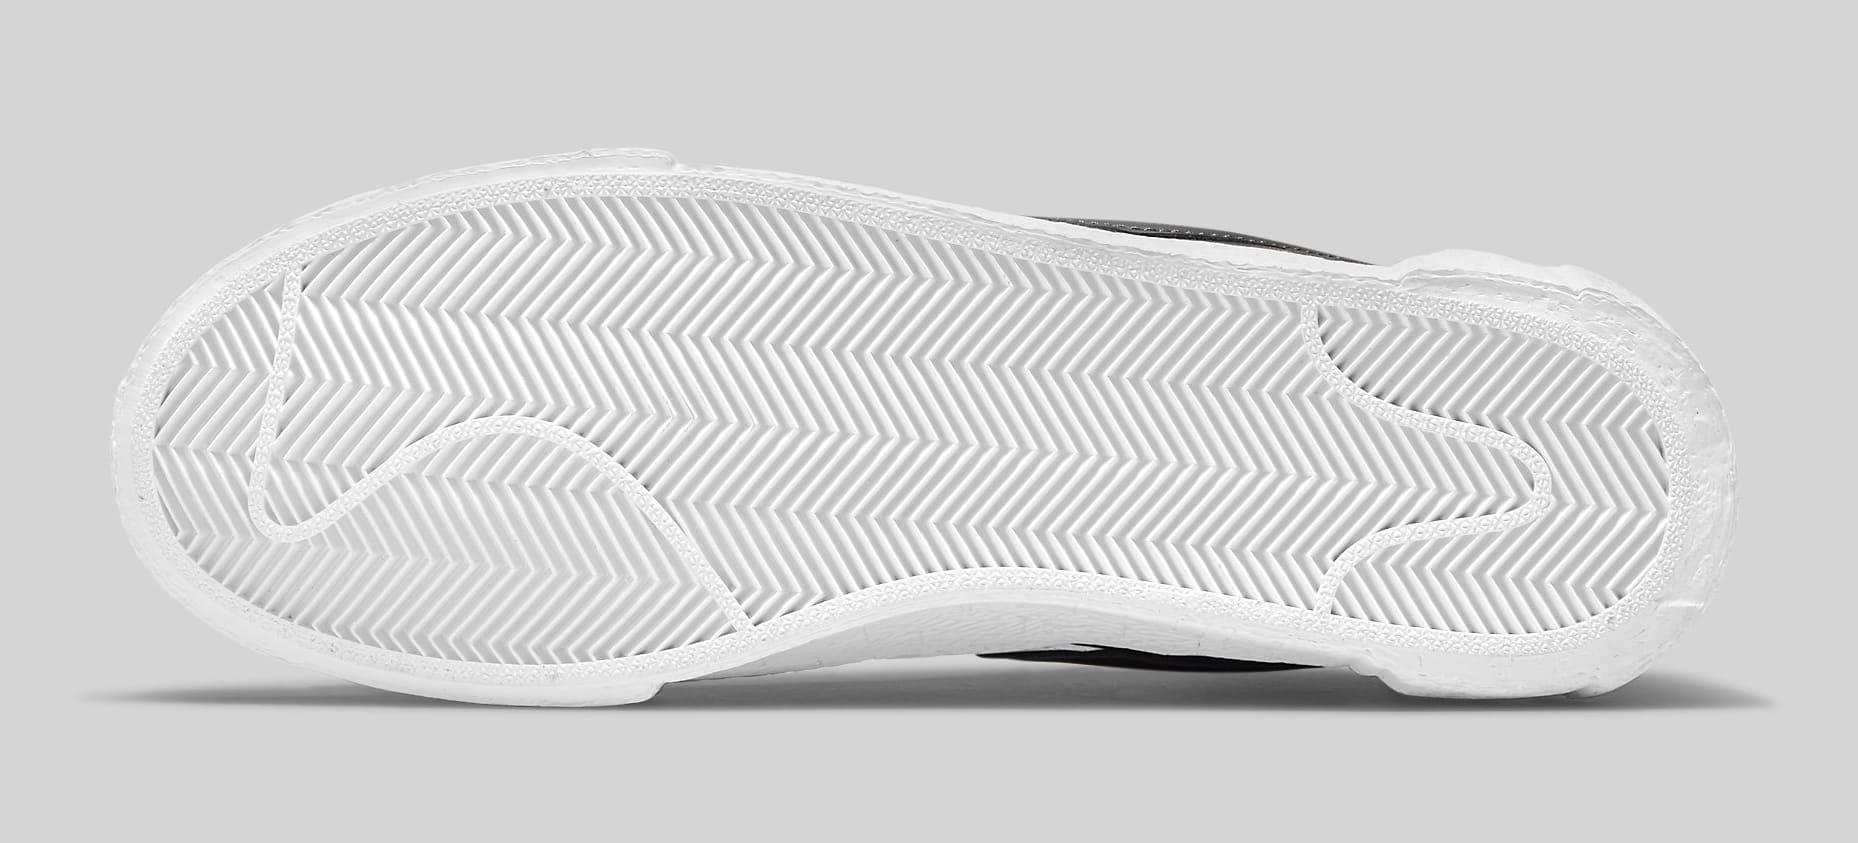 Sacai x Nike Blazer Low 'Iron Grey' DD1877-002 Outsole